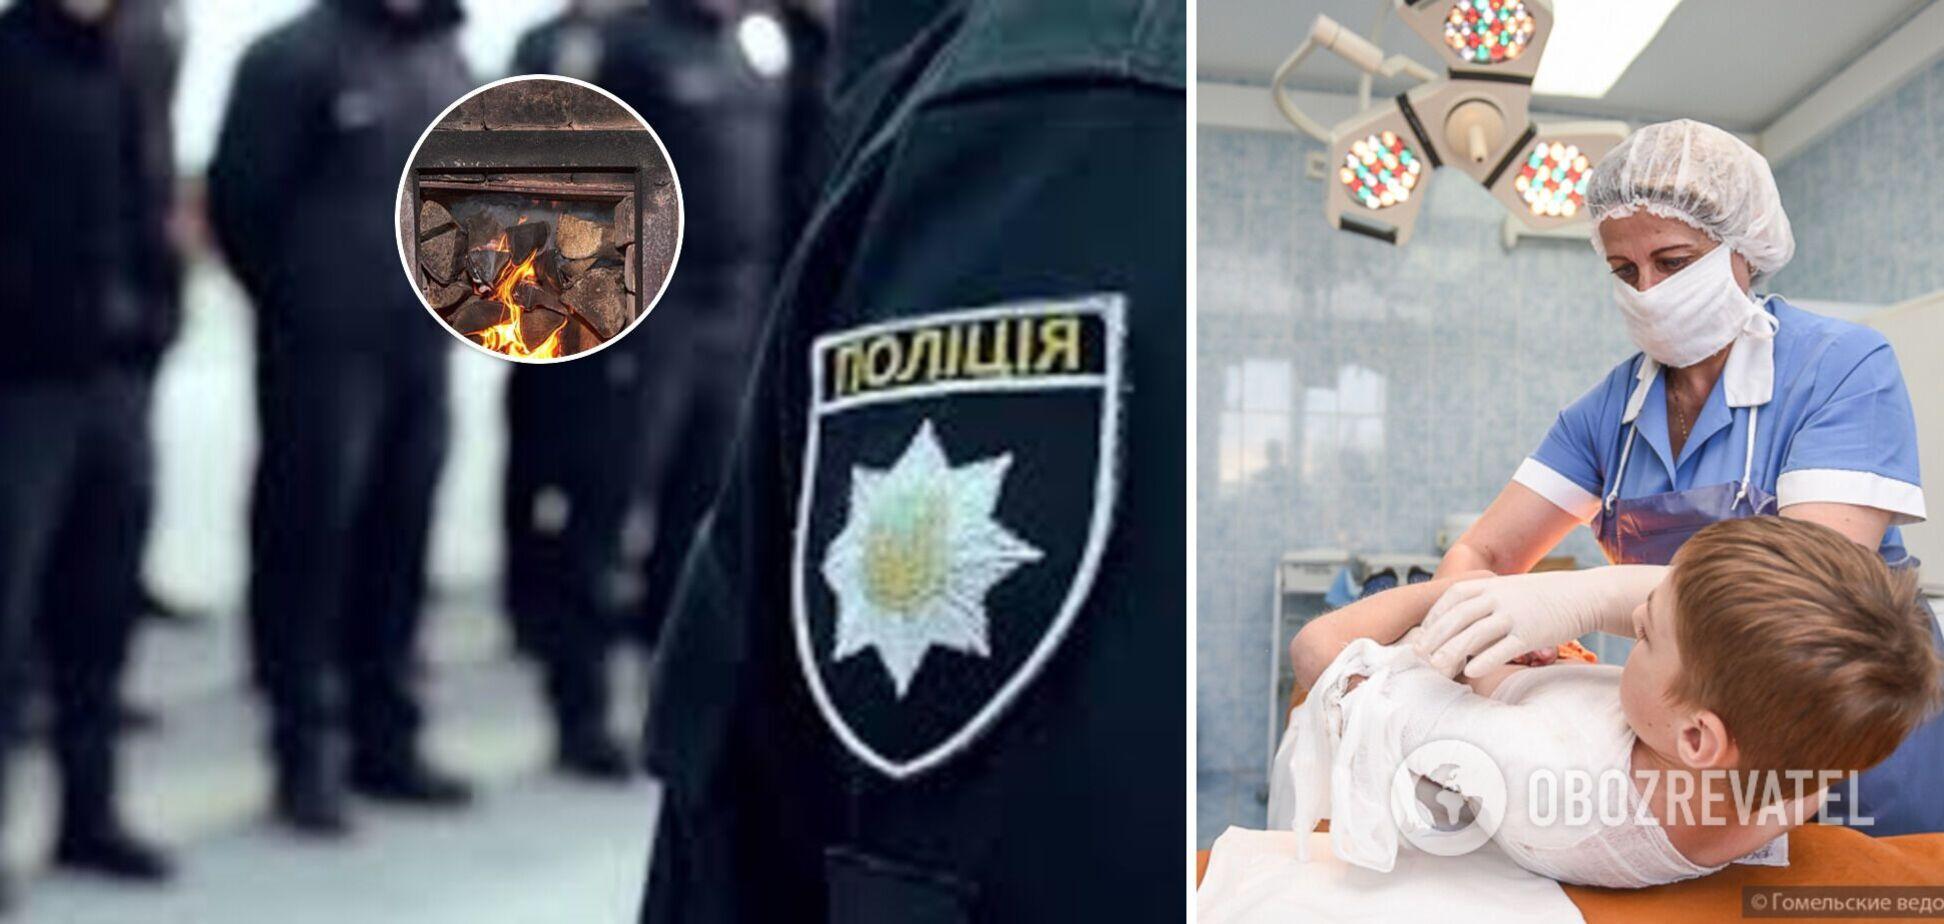 В Одеській області троє дітей отримали опіки обличчя та рук через недбалість батька